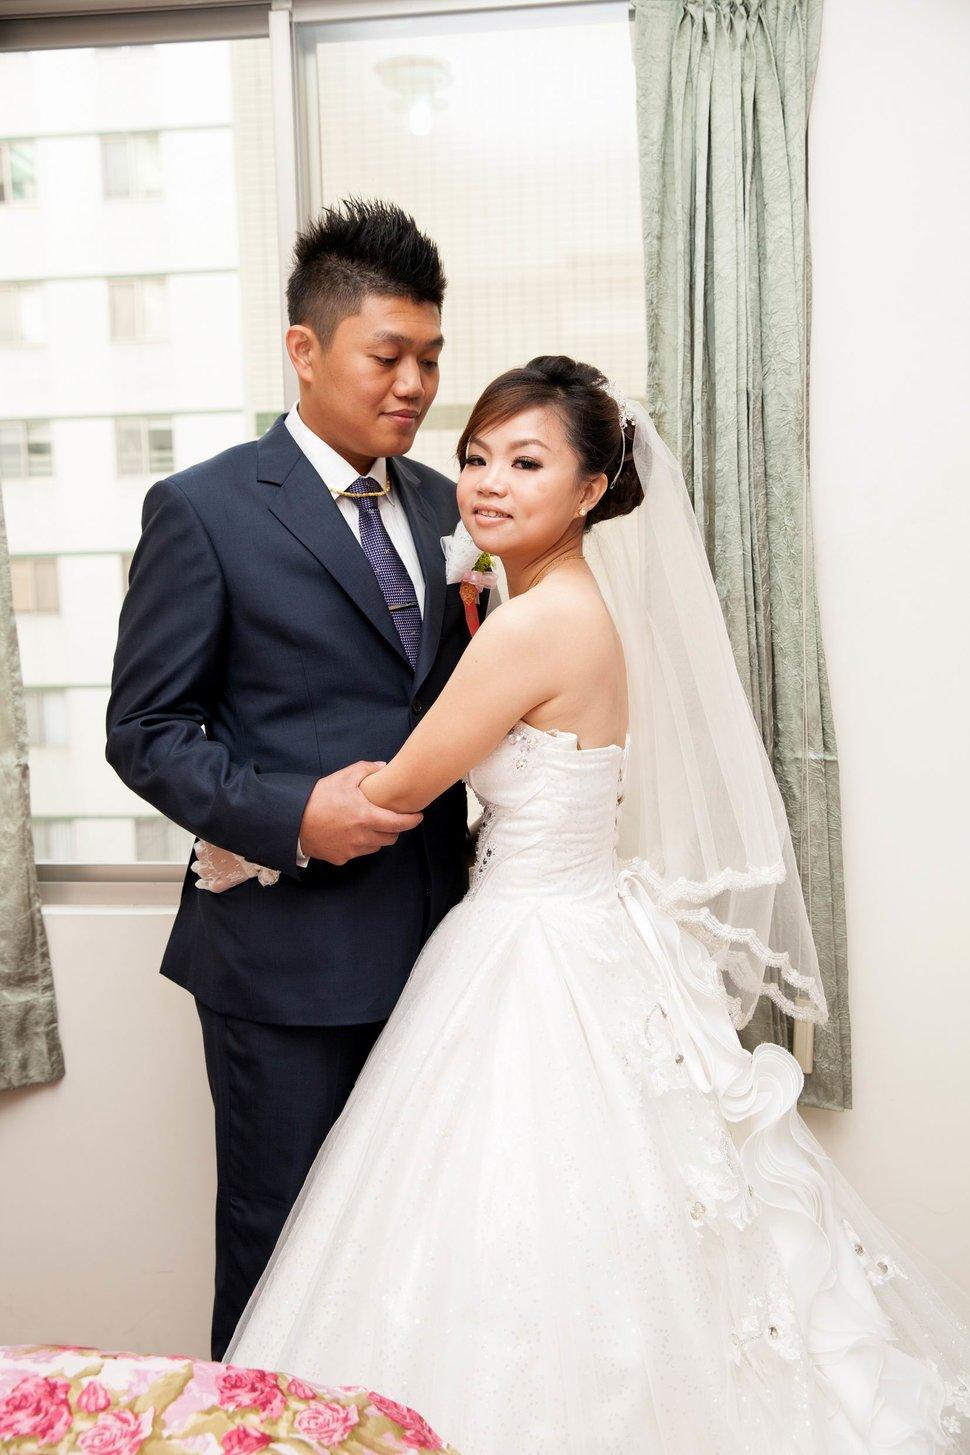 結婚迎娶午宴東達極品美饌結婚迎娶婚禮記錄動態微電影錄影專業錄影(編號:194135) - 蜜月拍照10800錄影12800攝影團隊 - 結婚吧